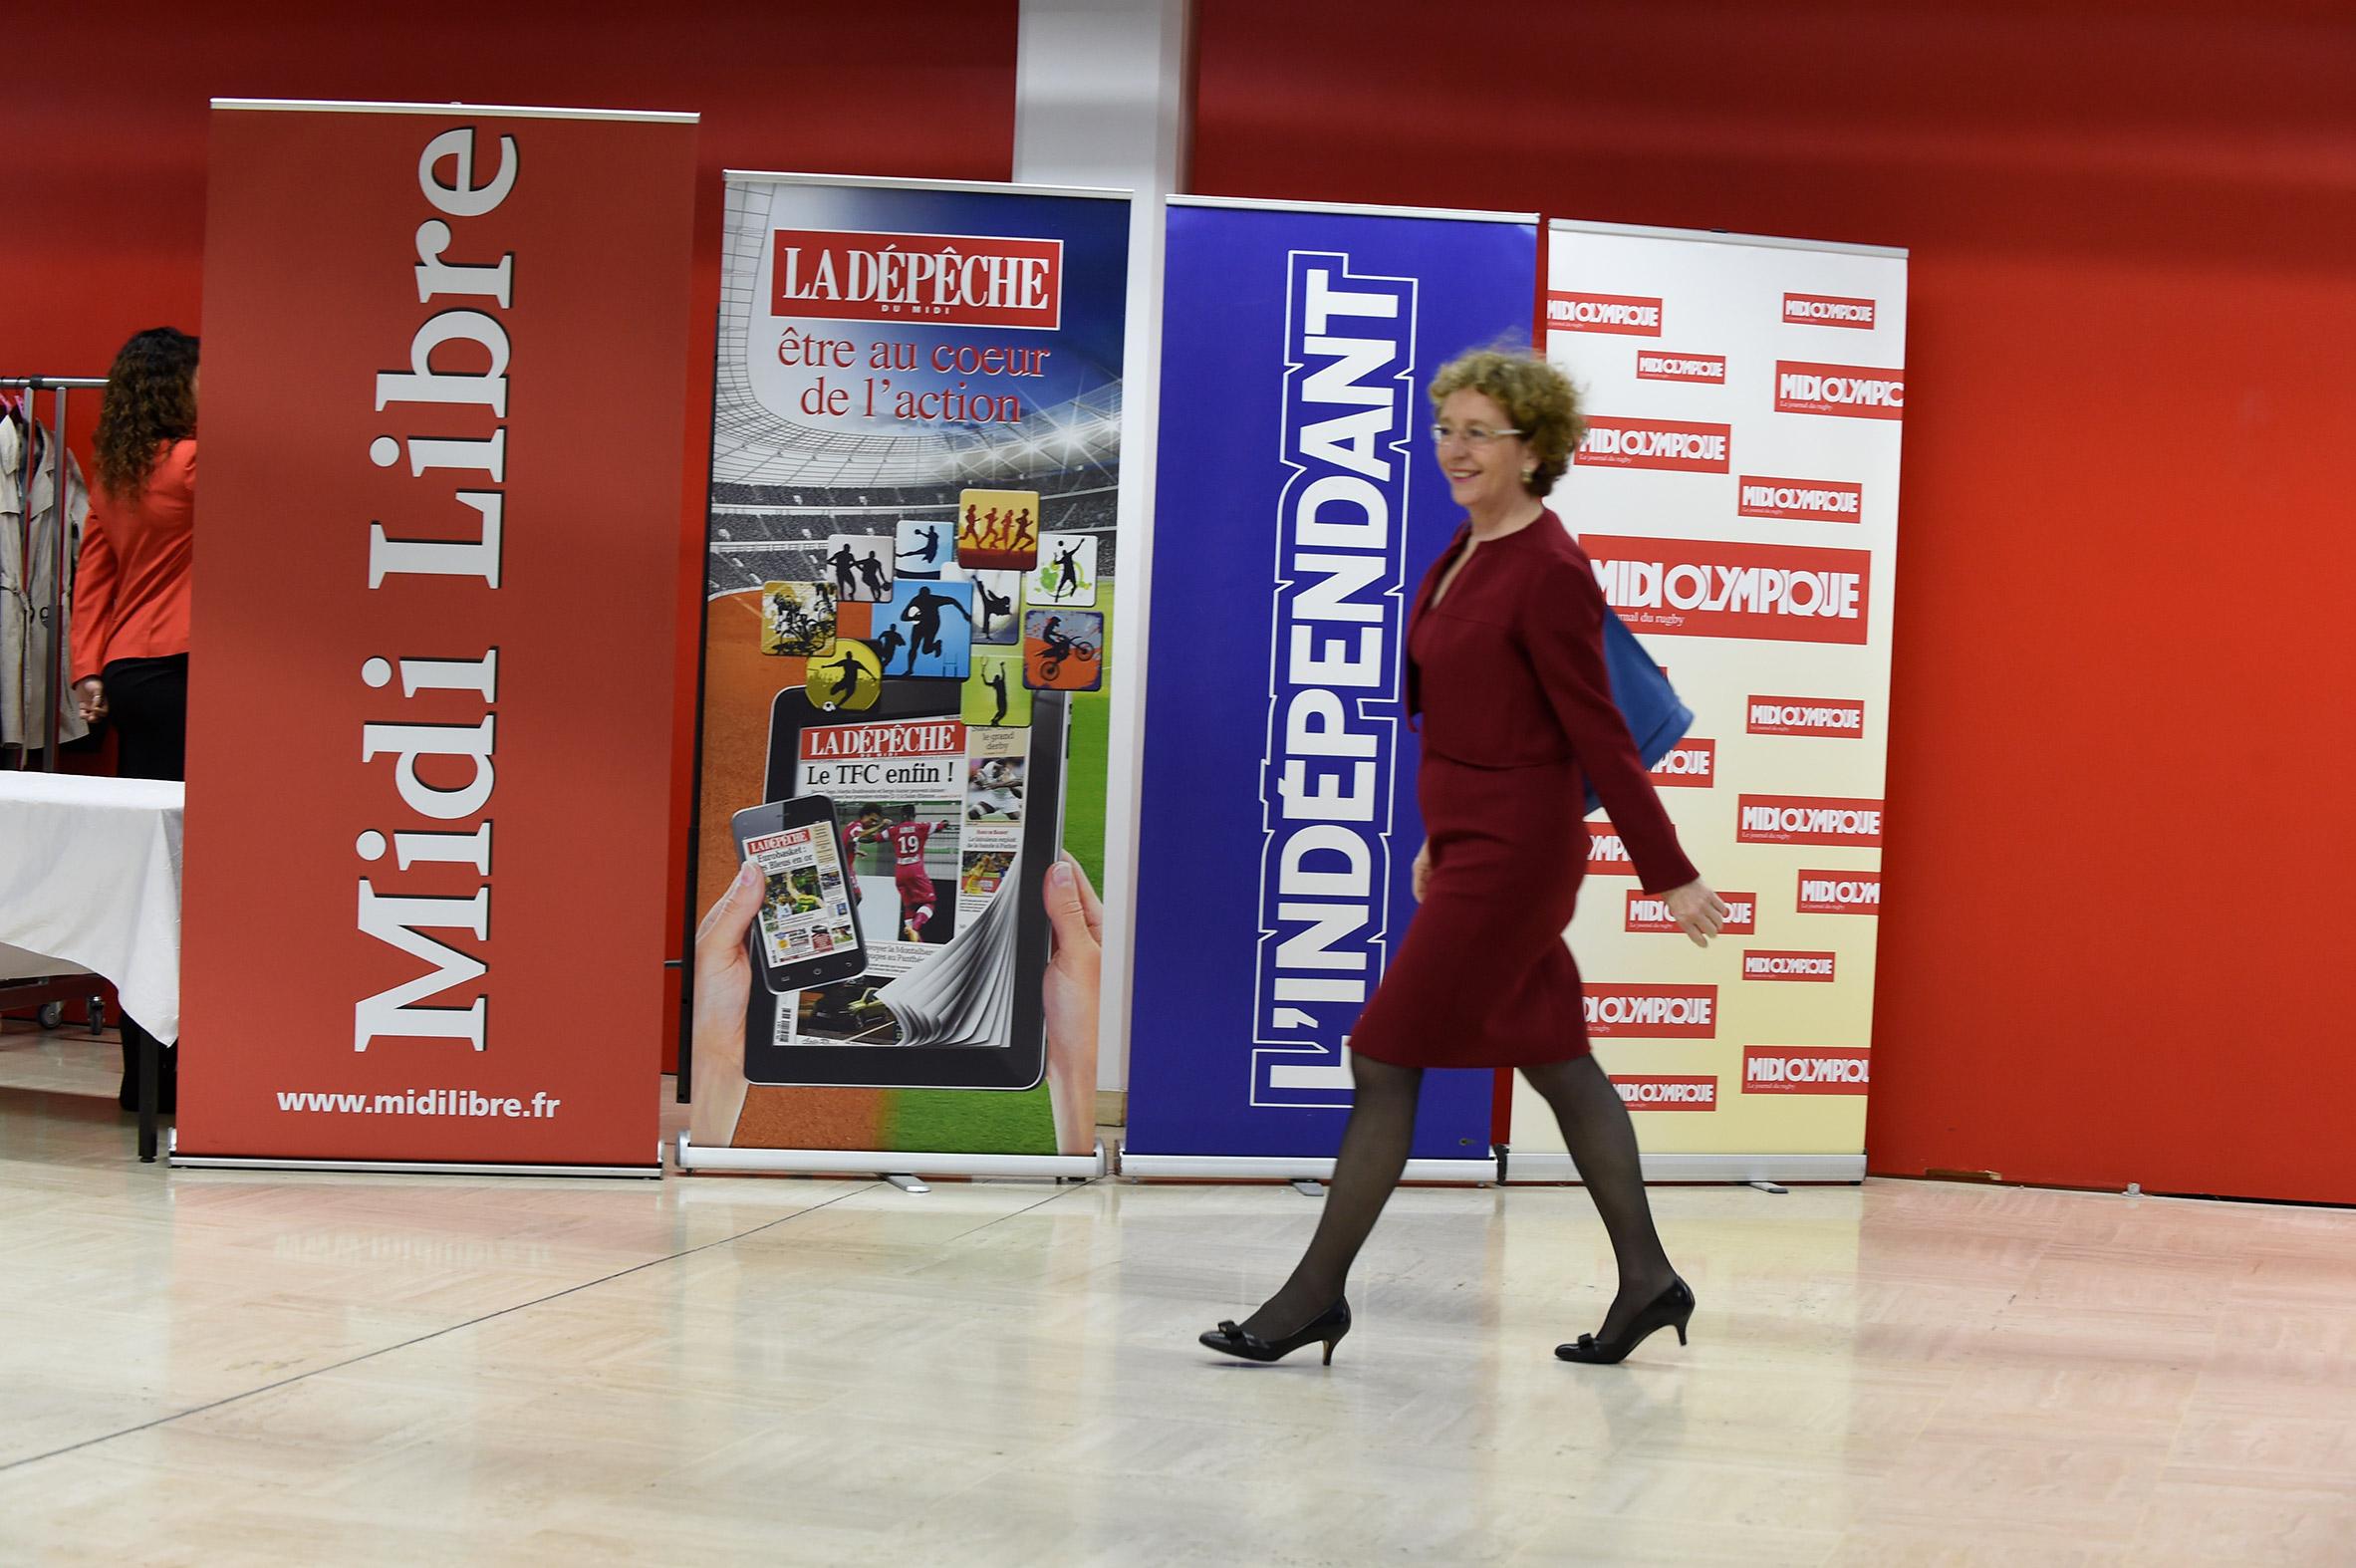 Muriel PÉNICAUD, DG de Business France, invitée des Rencontres d'Occitanie